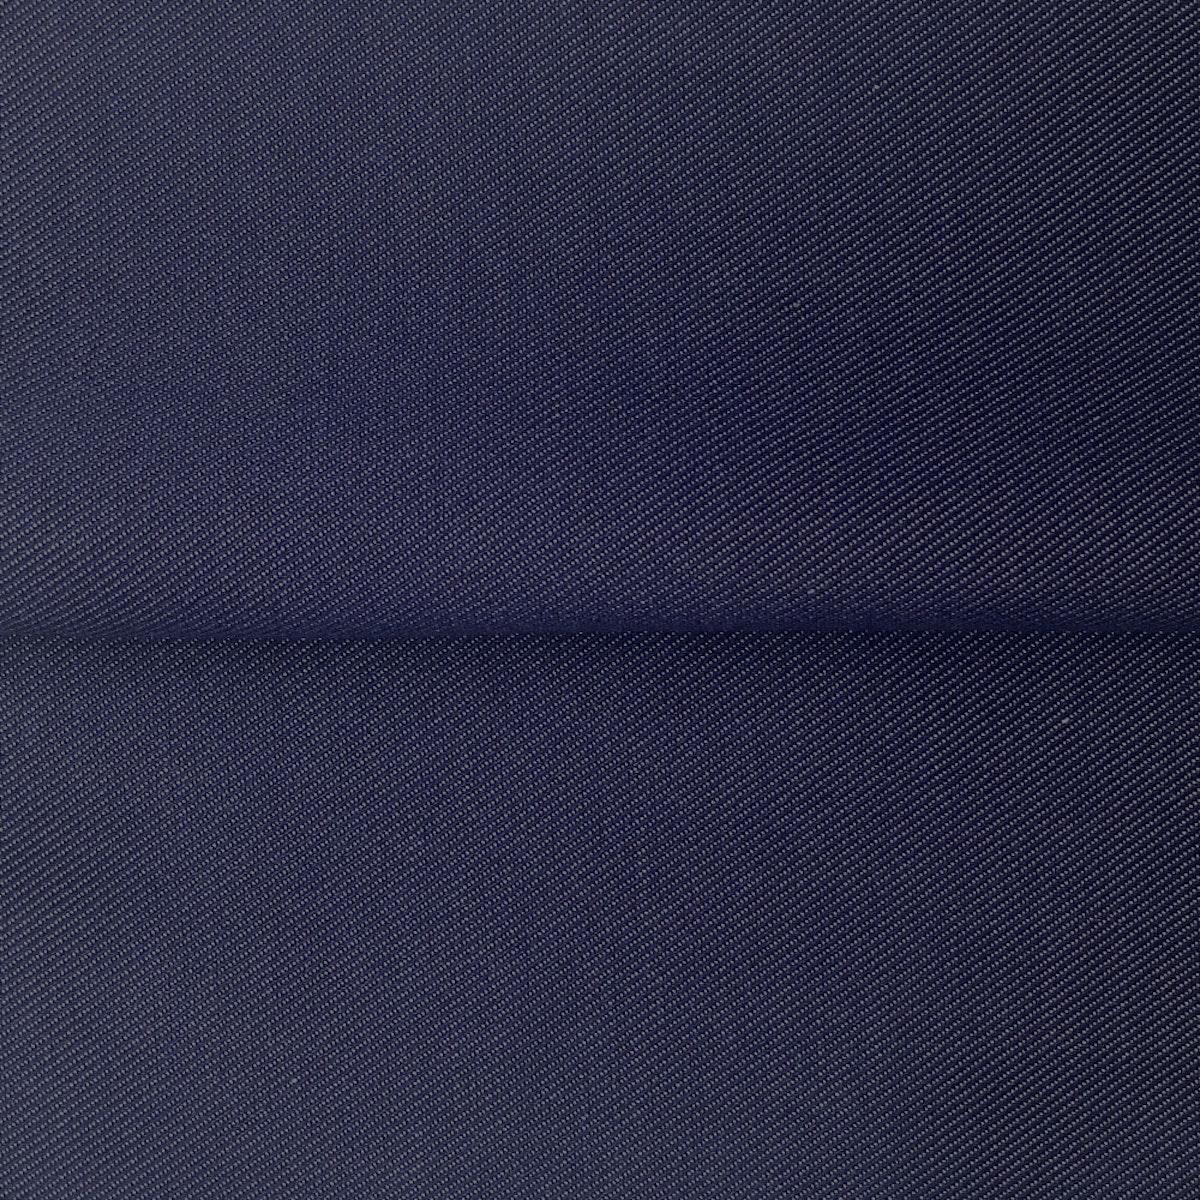 InStitchu Shirt Fabric 242